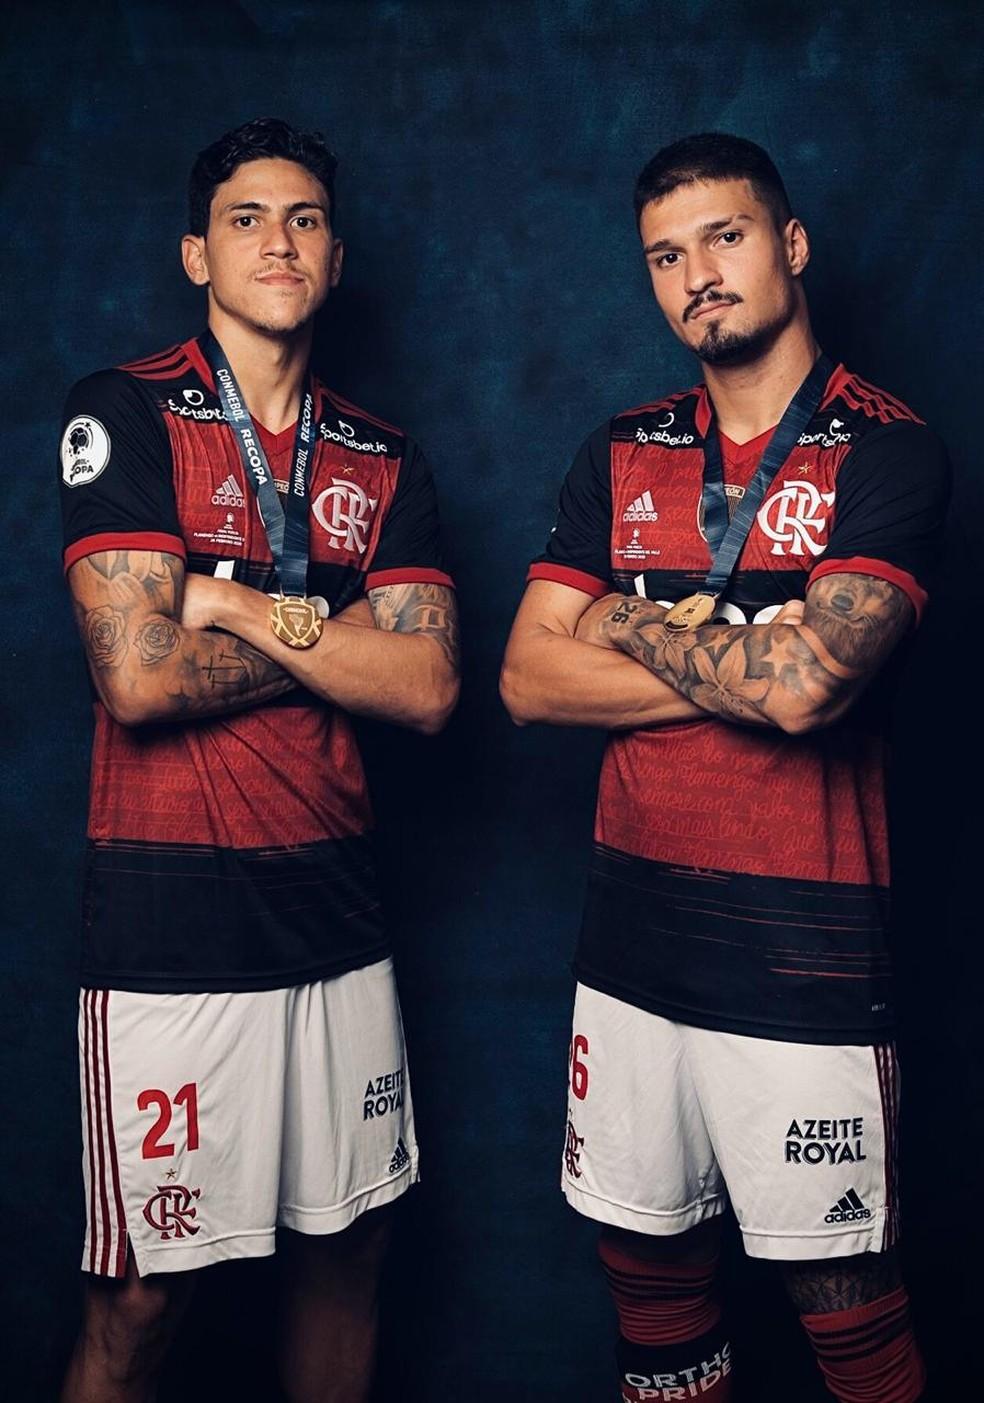 Pedro e Thuler Flamengo — Foto: Divulgação Conmebol